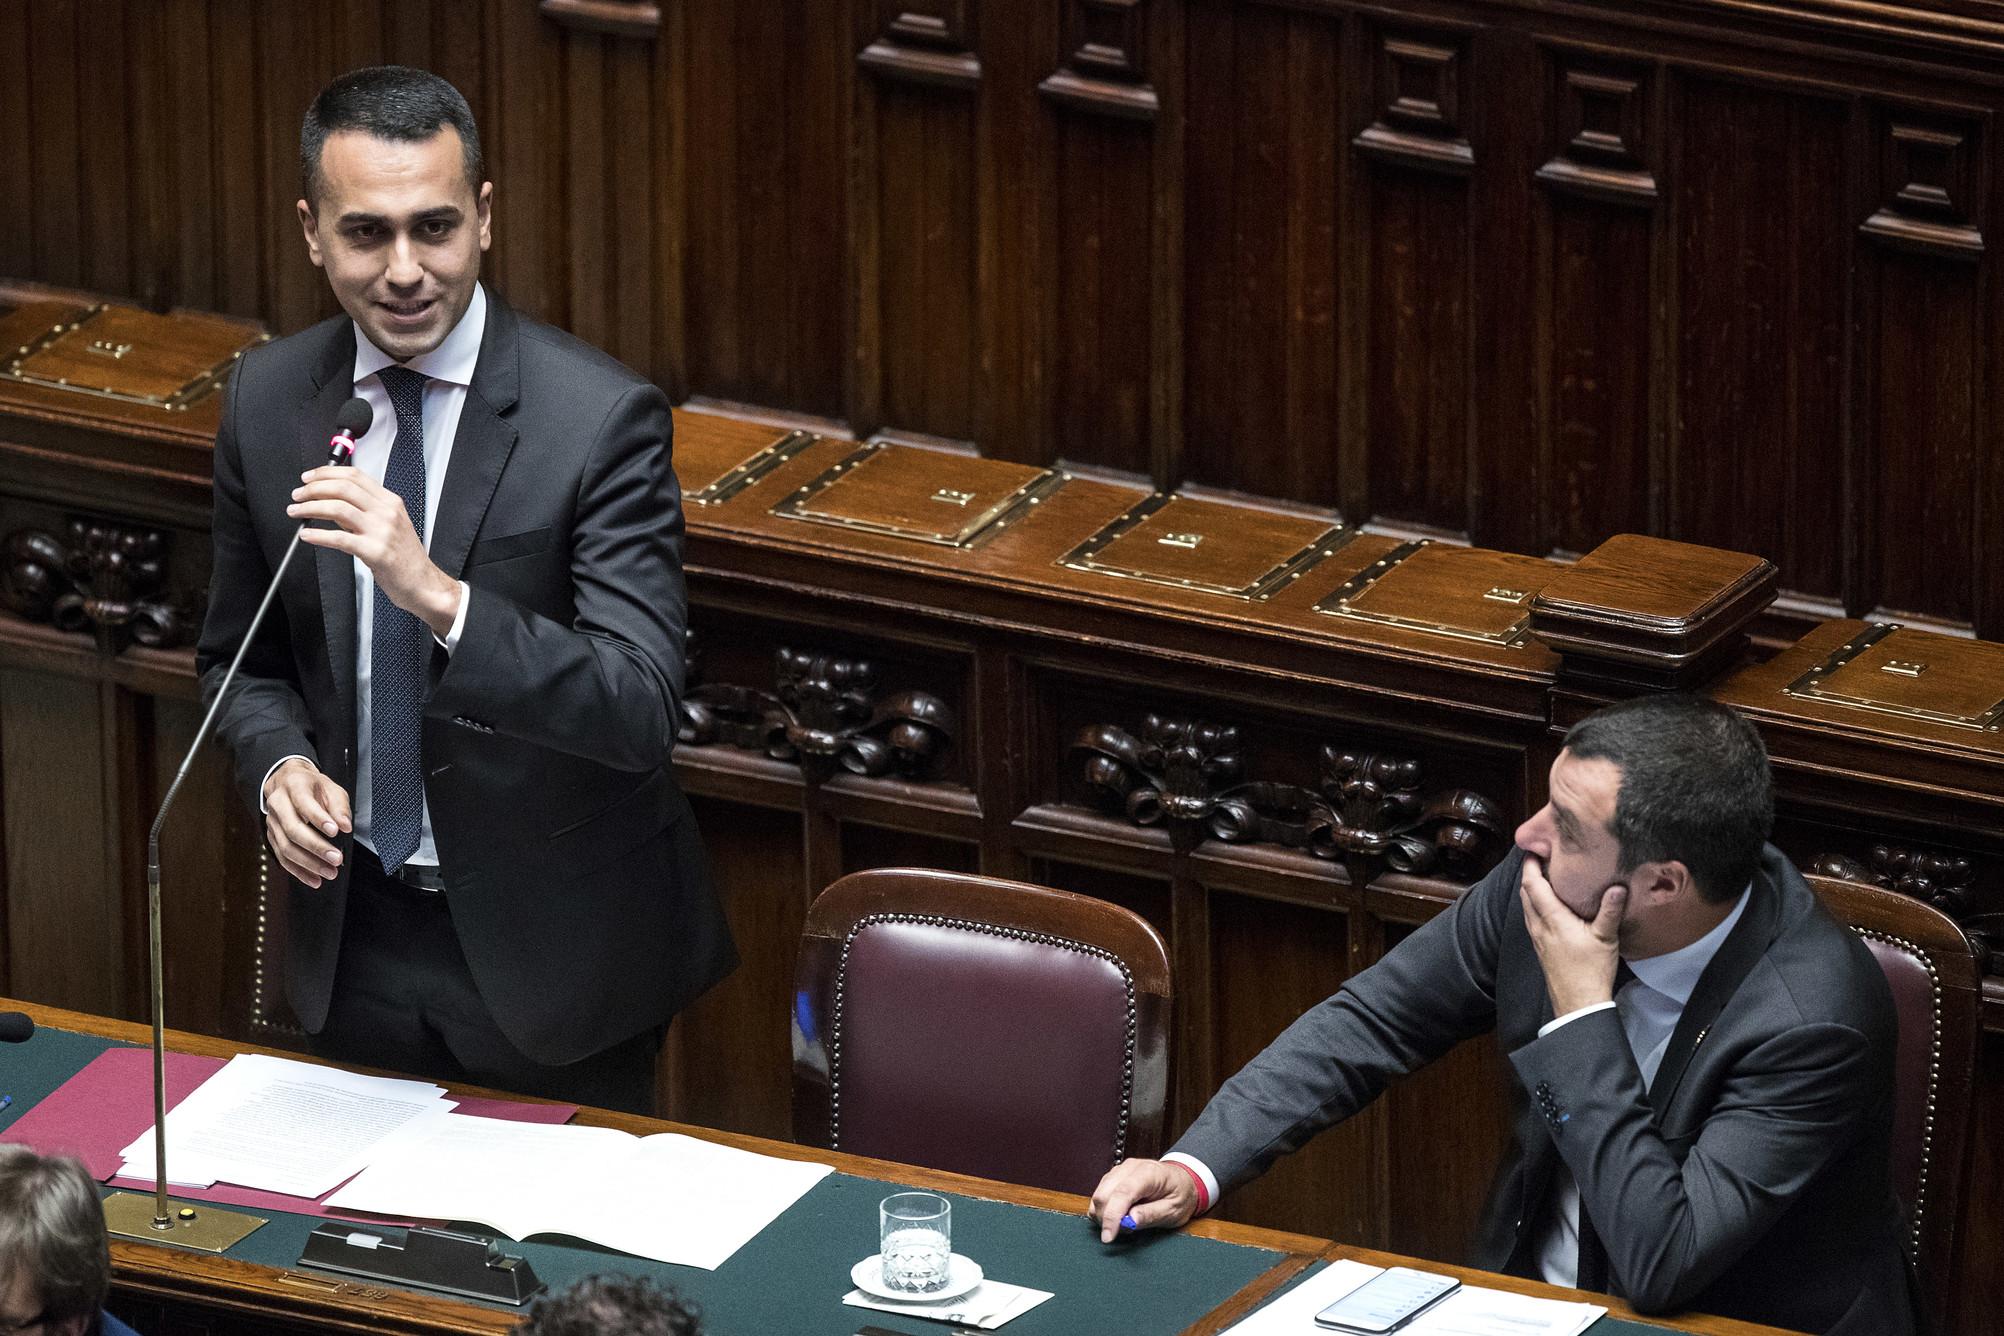 """Manovra alla Camera: Salvini detta i tempi. Di Maio: """"Al centro ci sono i cittadini"""""""